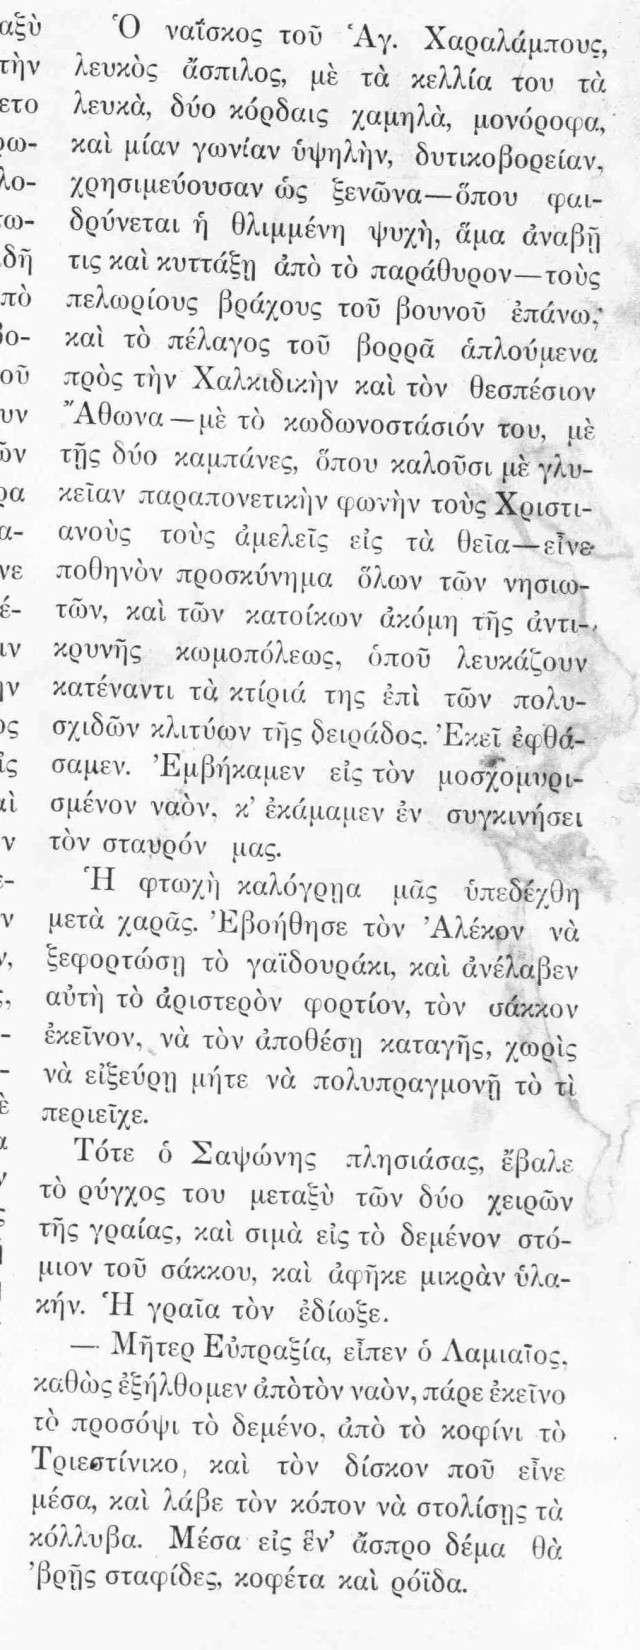 Πασχαλινές διακοπές σημαίνουν Παπαδιαμάντης! (αφιέρωμα σε πασχαλινά διηγήματα του κυρ Αλέξανδρου) Iiiiii43